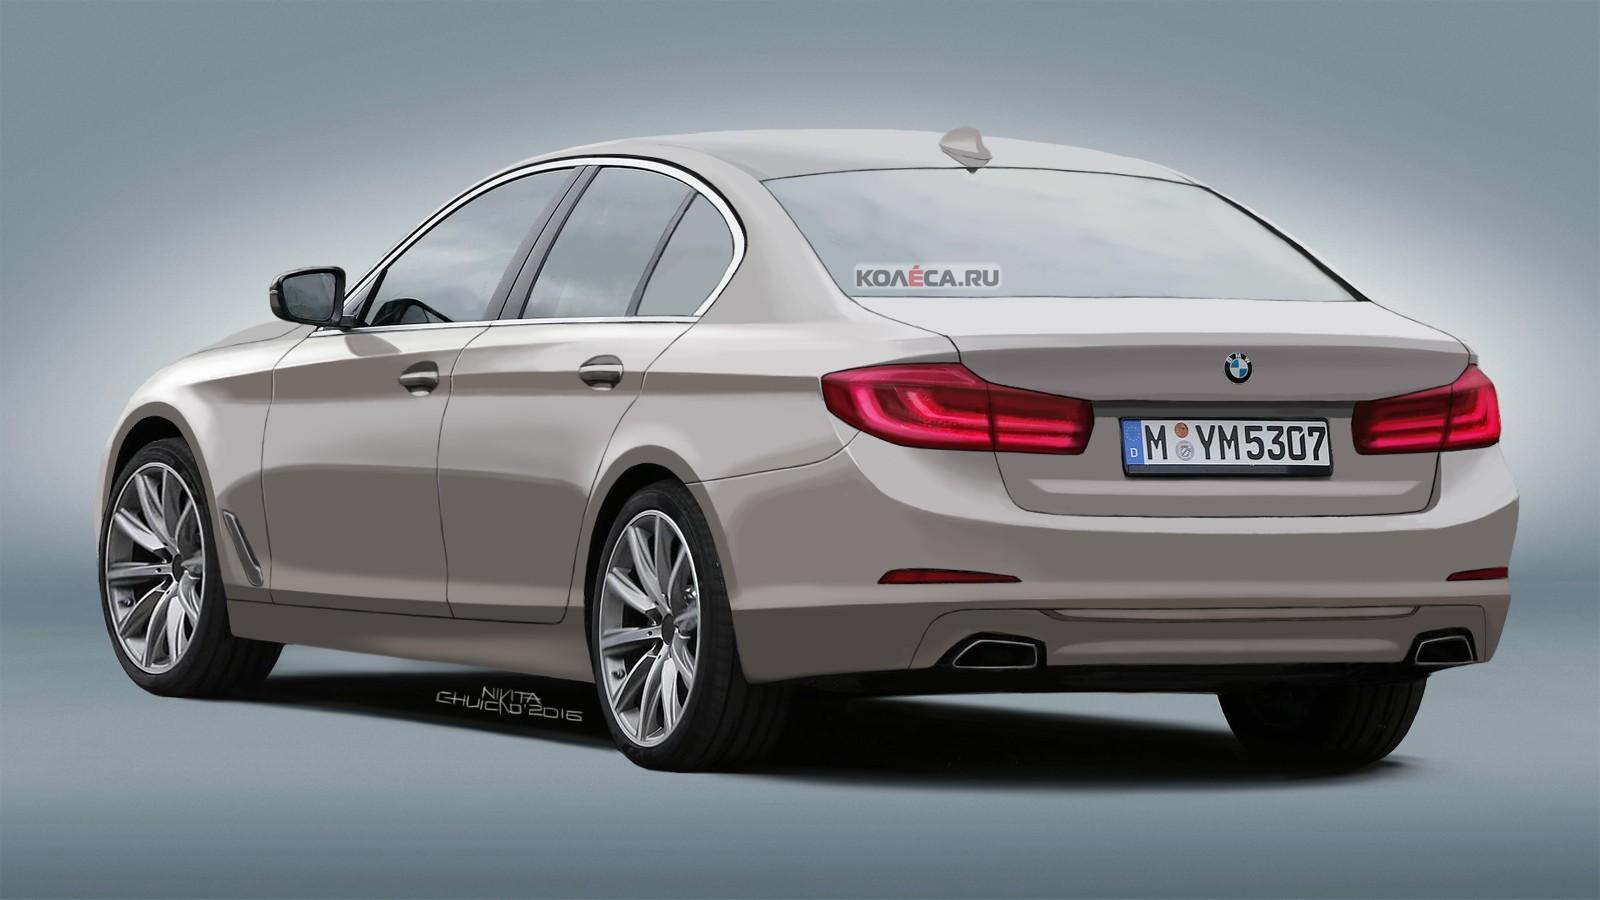 BMW 5er rear